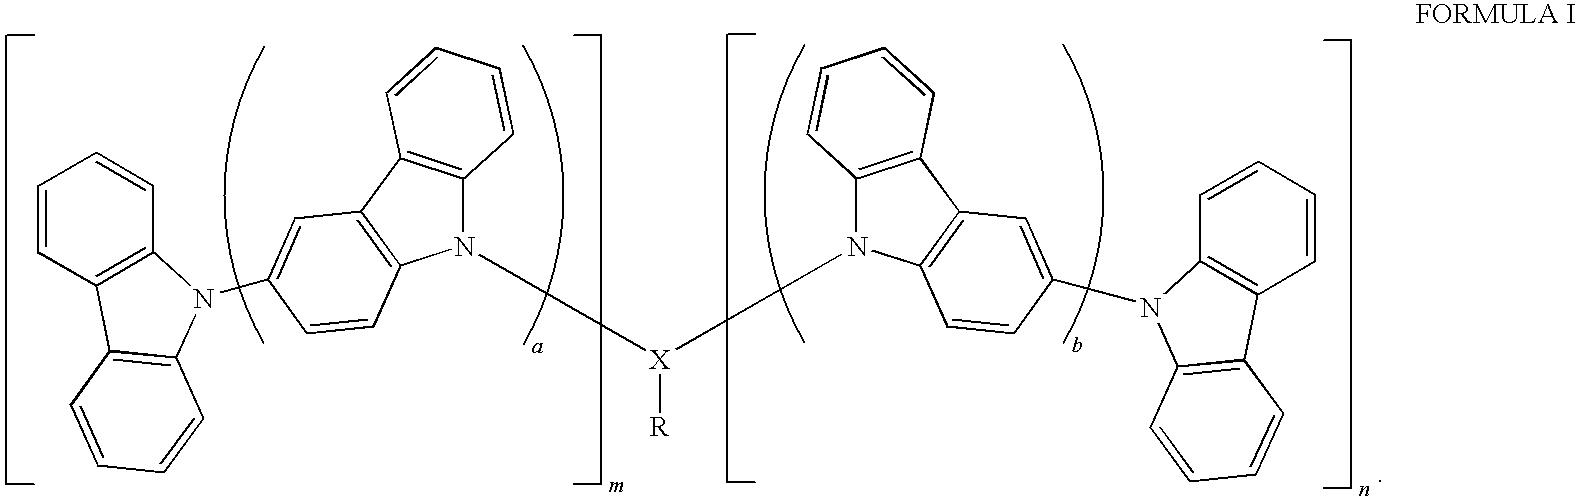 Figure US20090134784A1-20090528-C00002